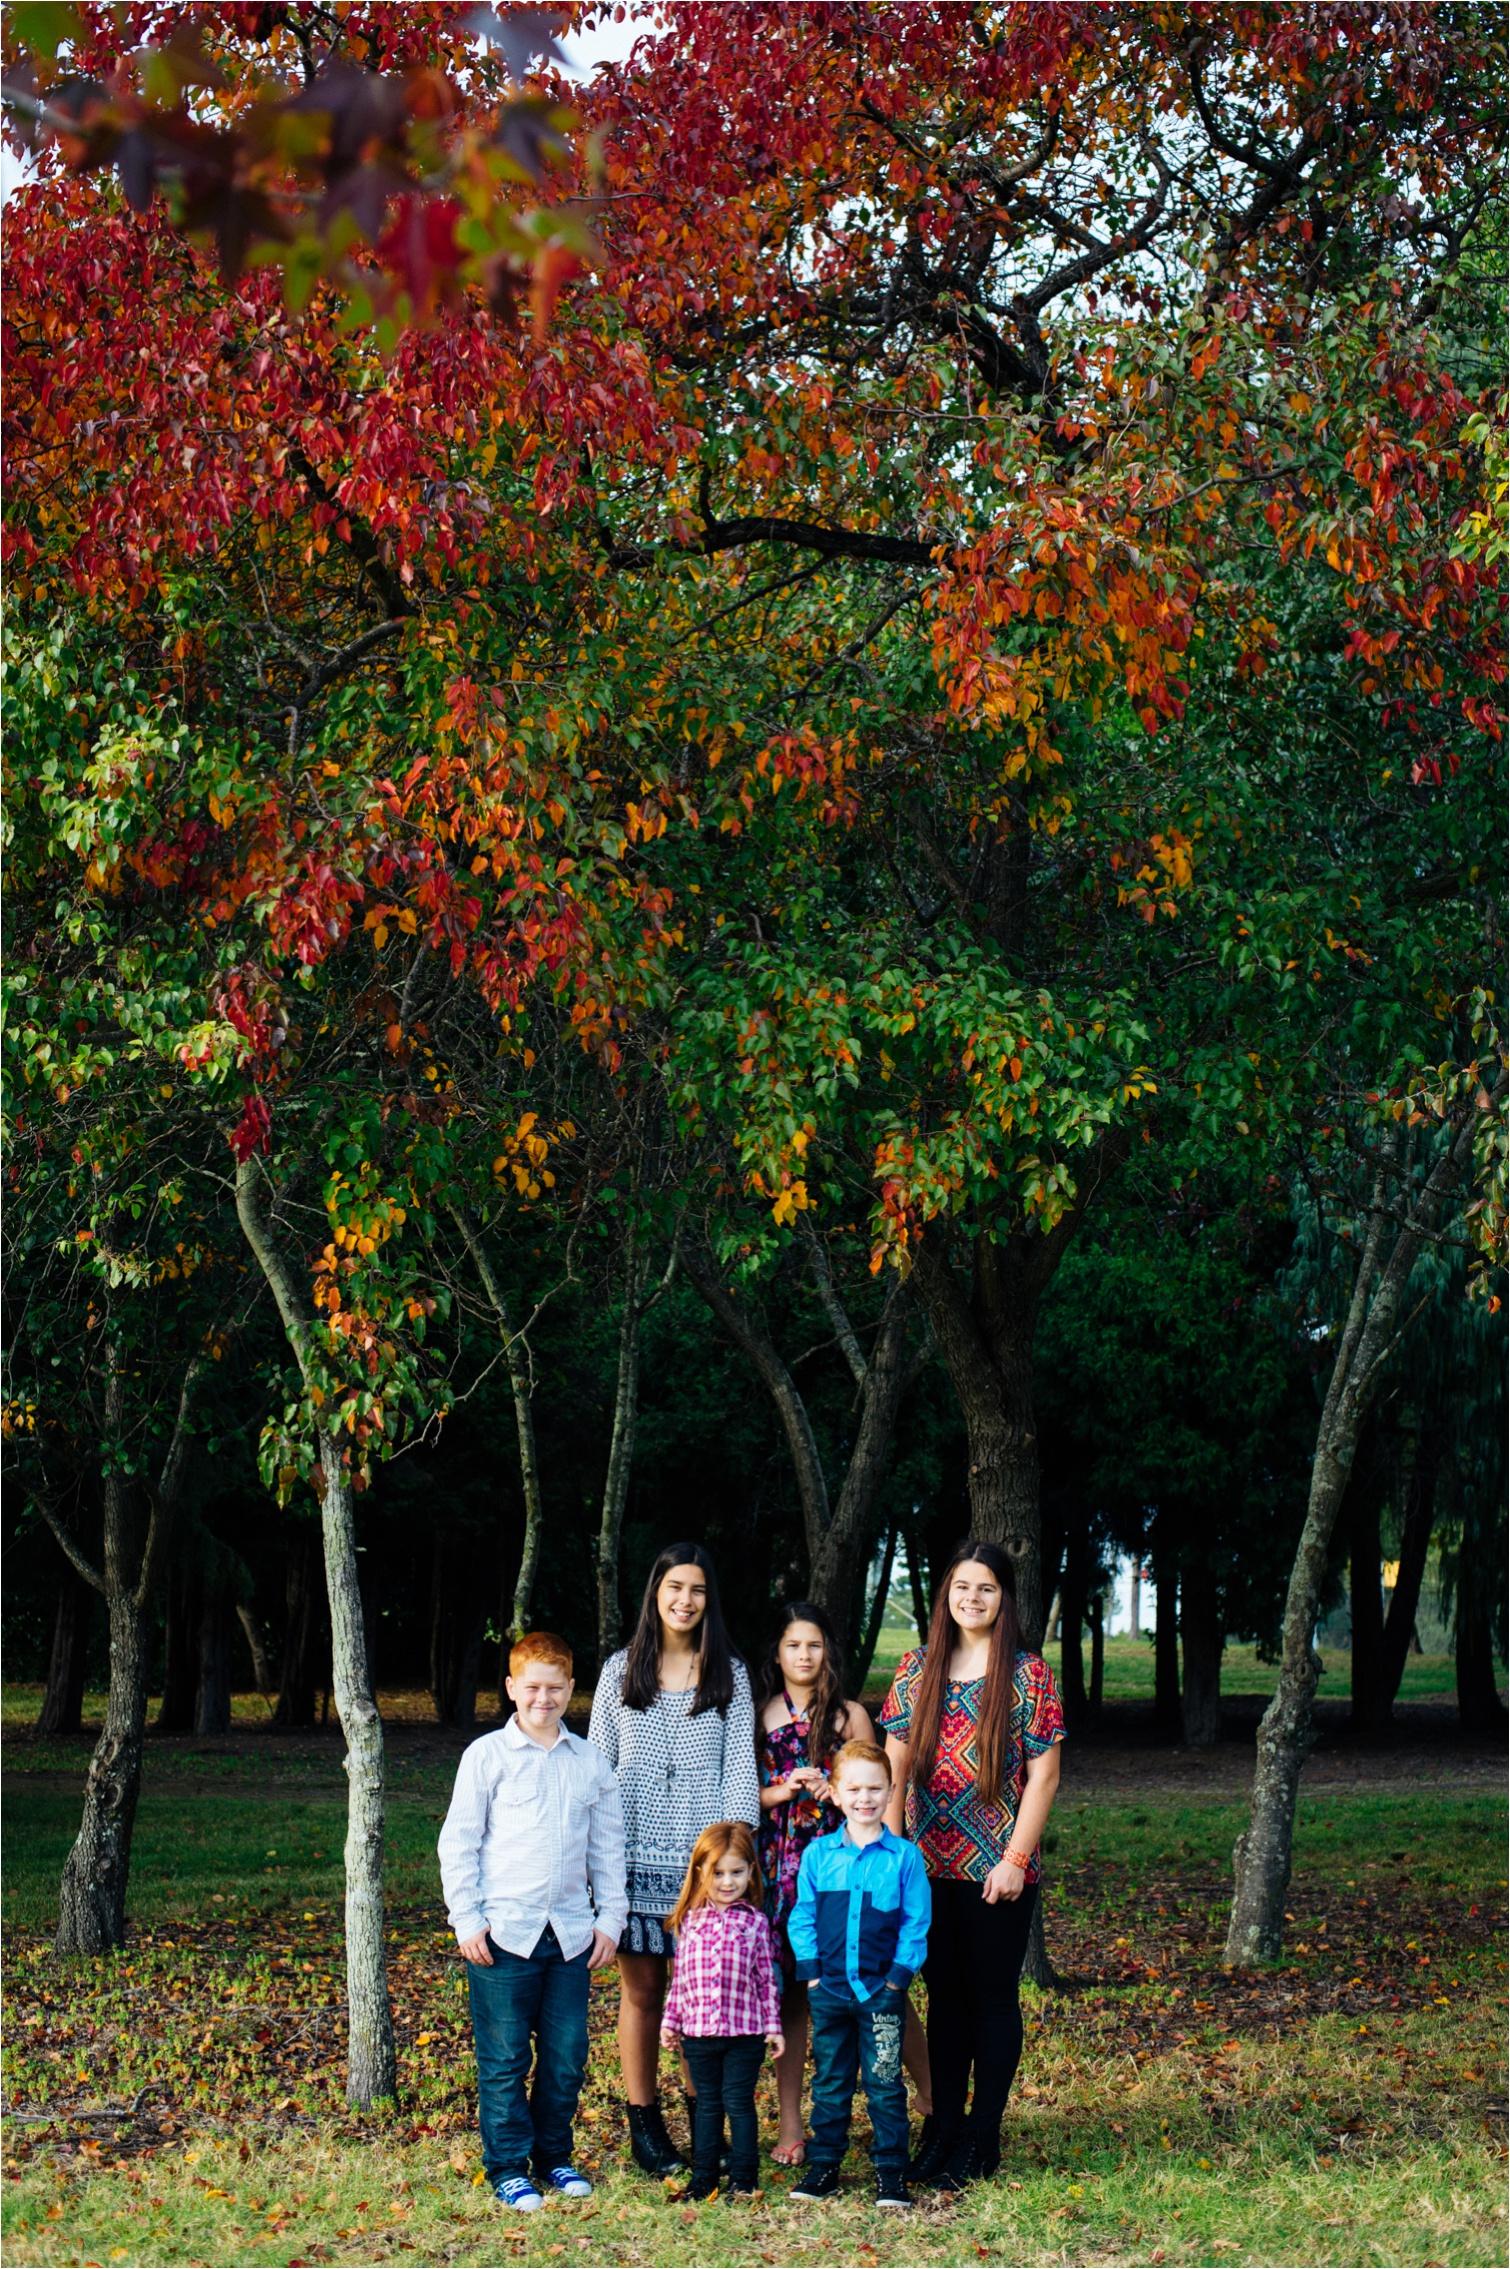 park-family-photos_gold-coast-35.jpg